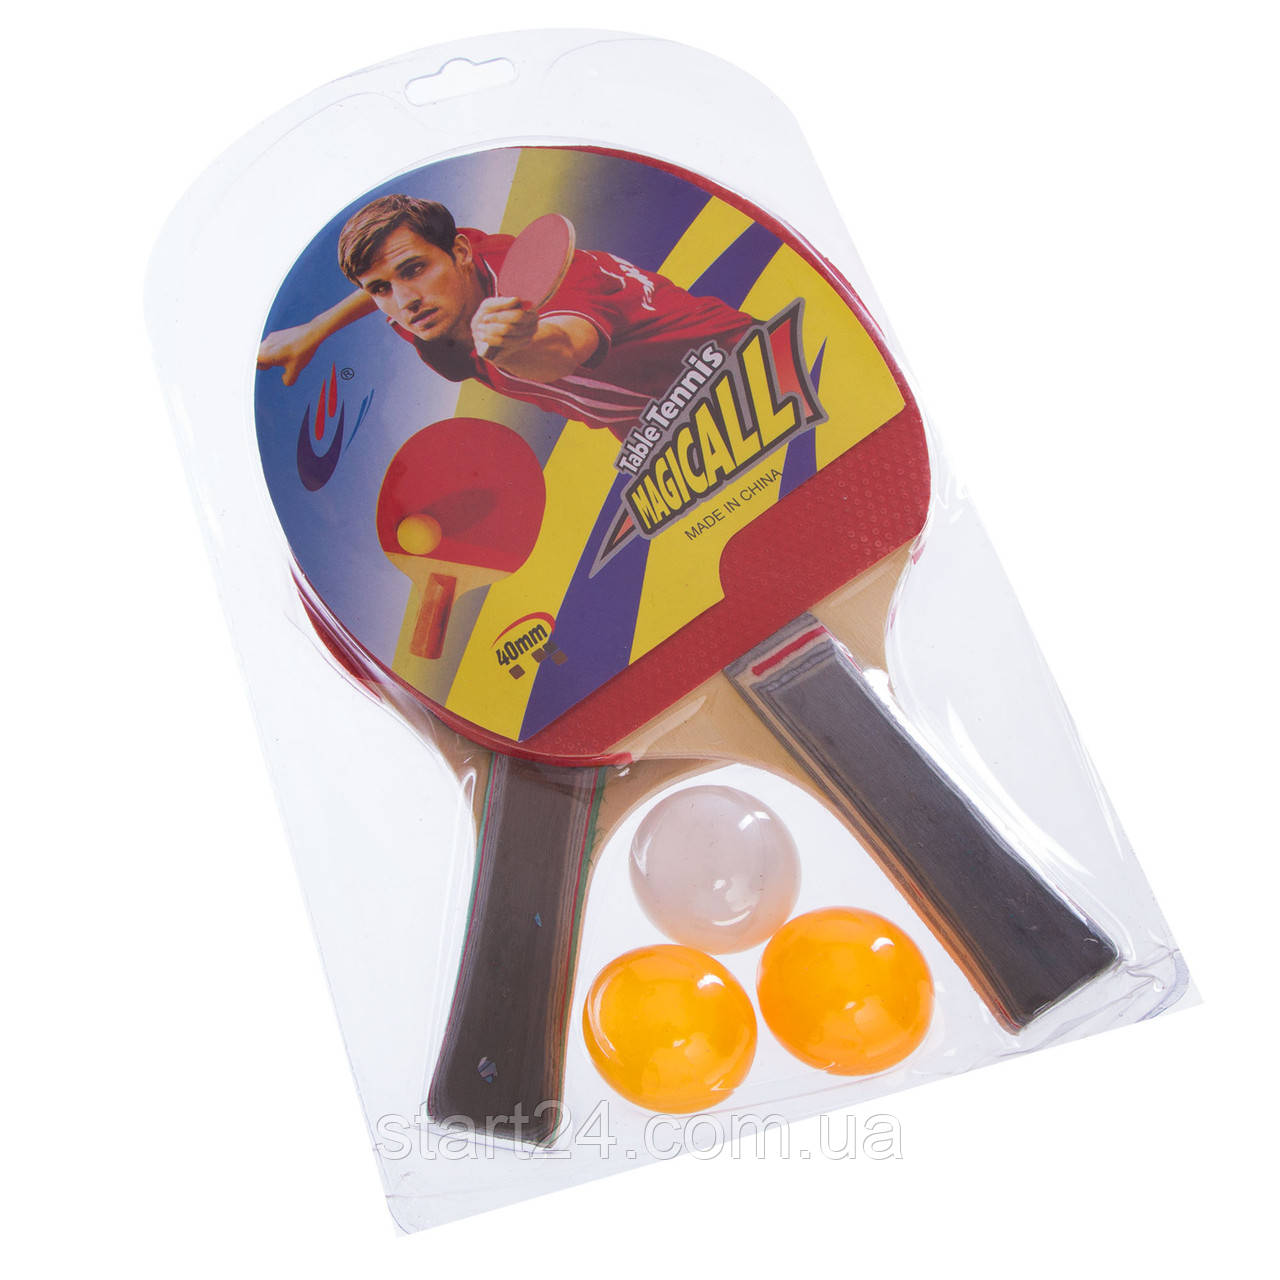 Набор для настольного тенниса 2 ракетки, 3 мяча Macical MT-805 (древесина, резина, пластик)